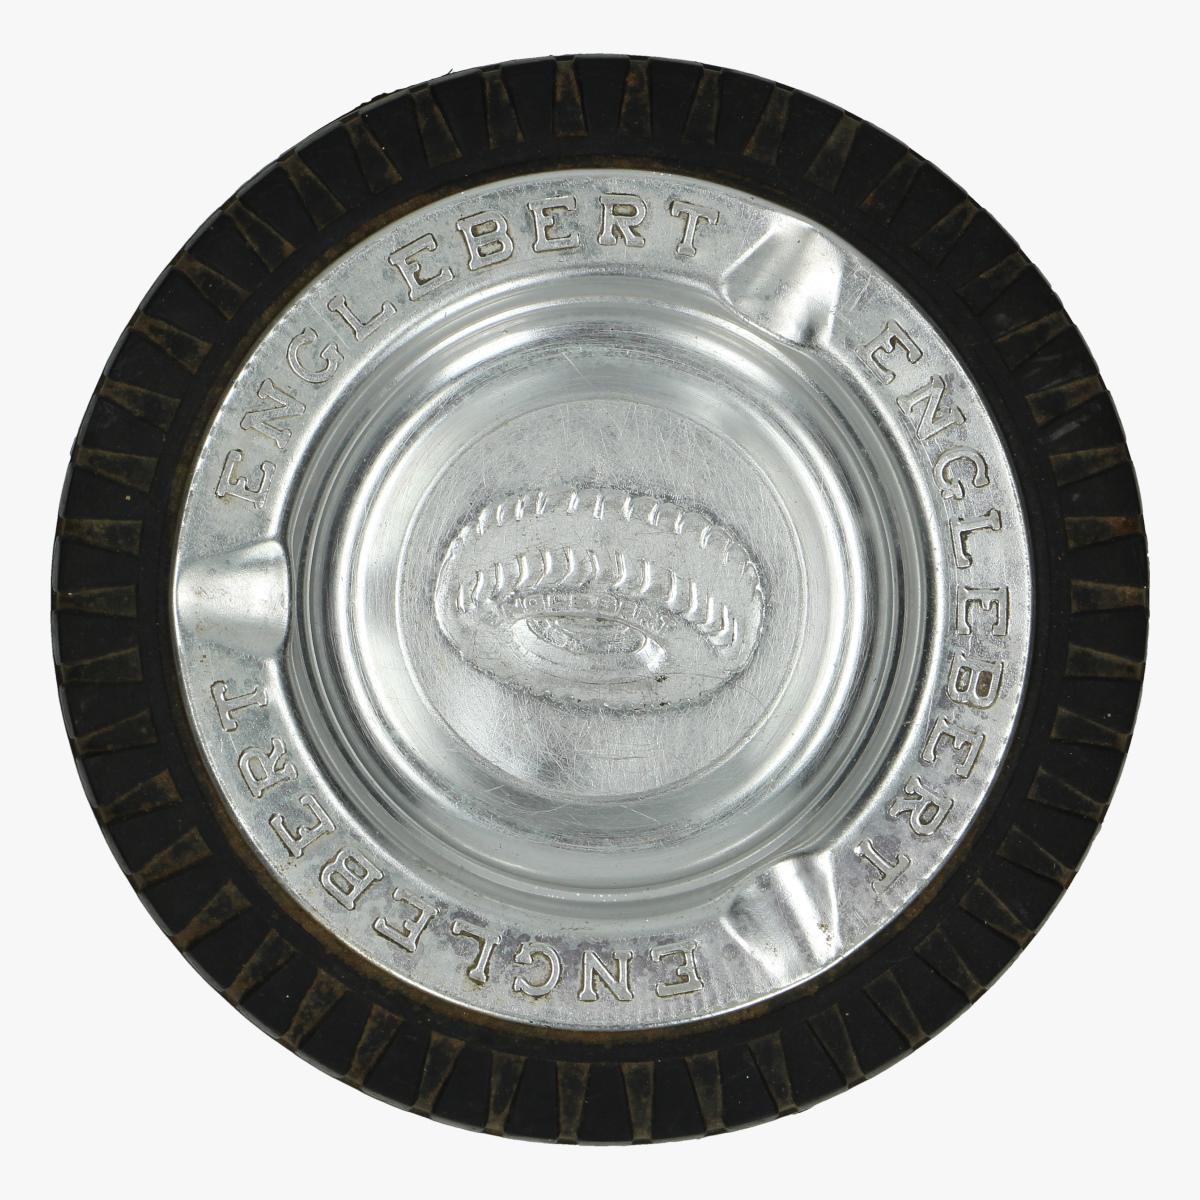 Afbeeldingen van asbak englebert tires